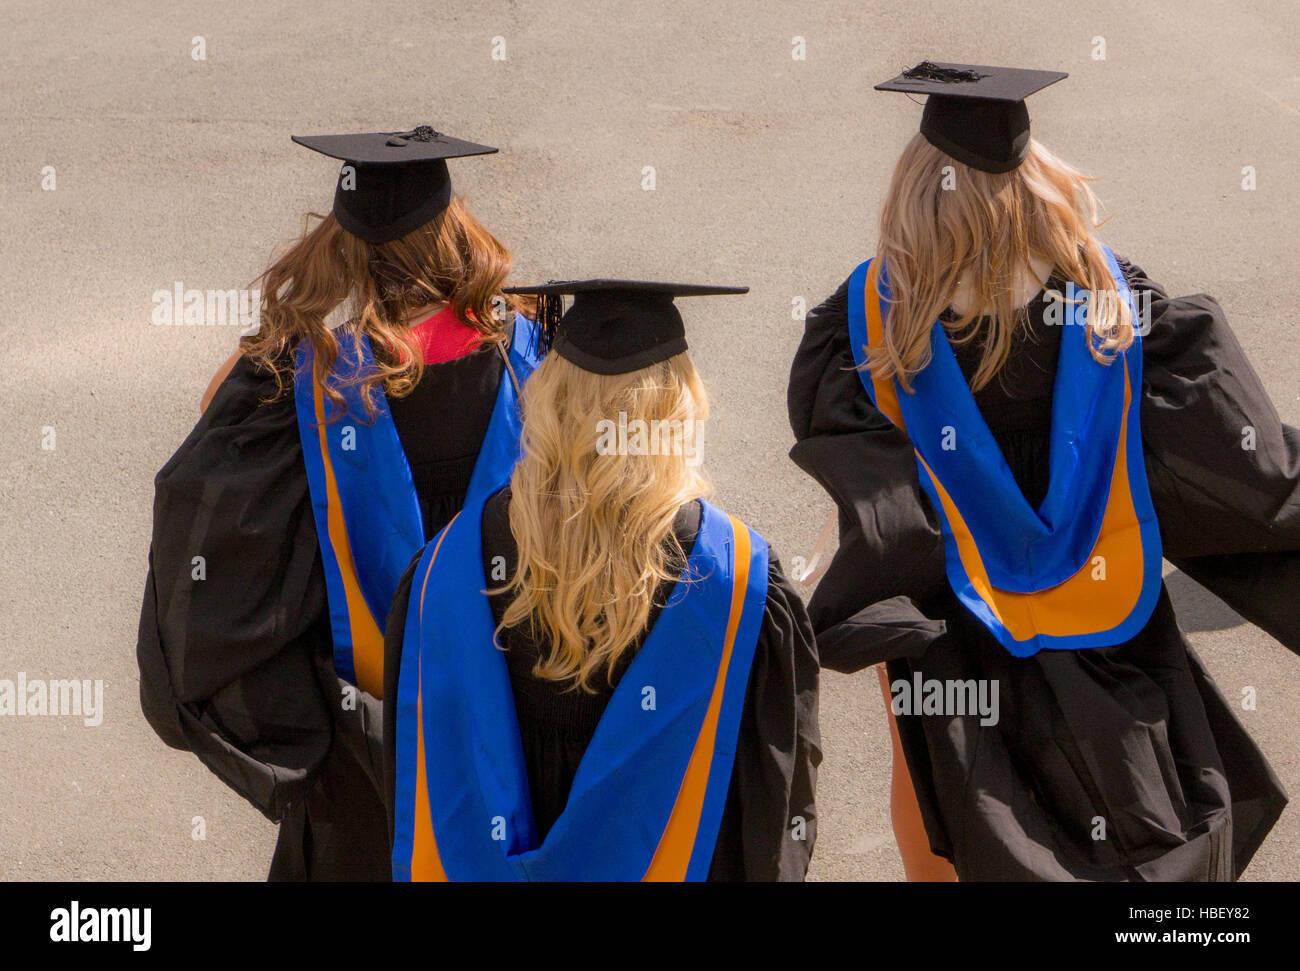 New graduates at UK university - Stock Image